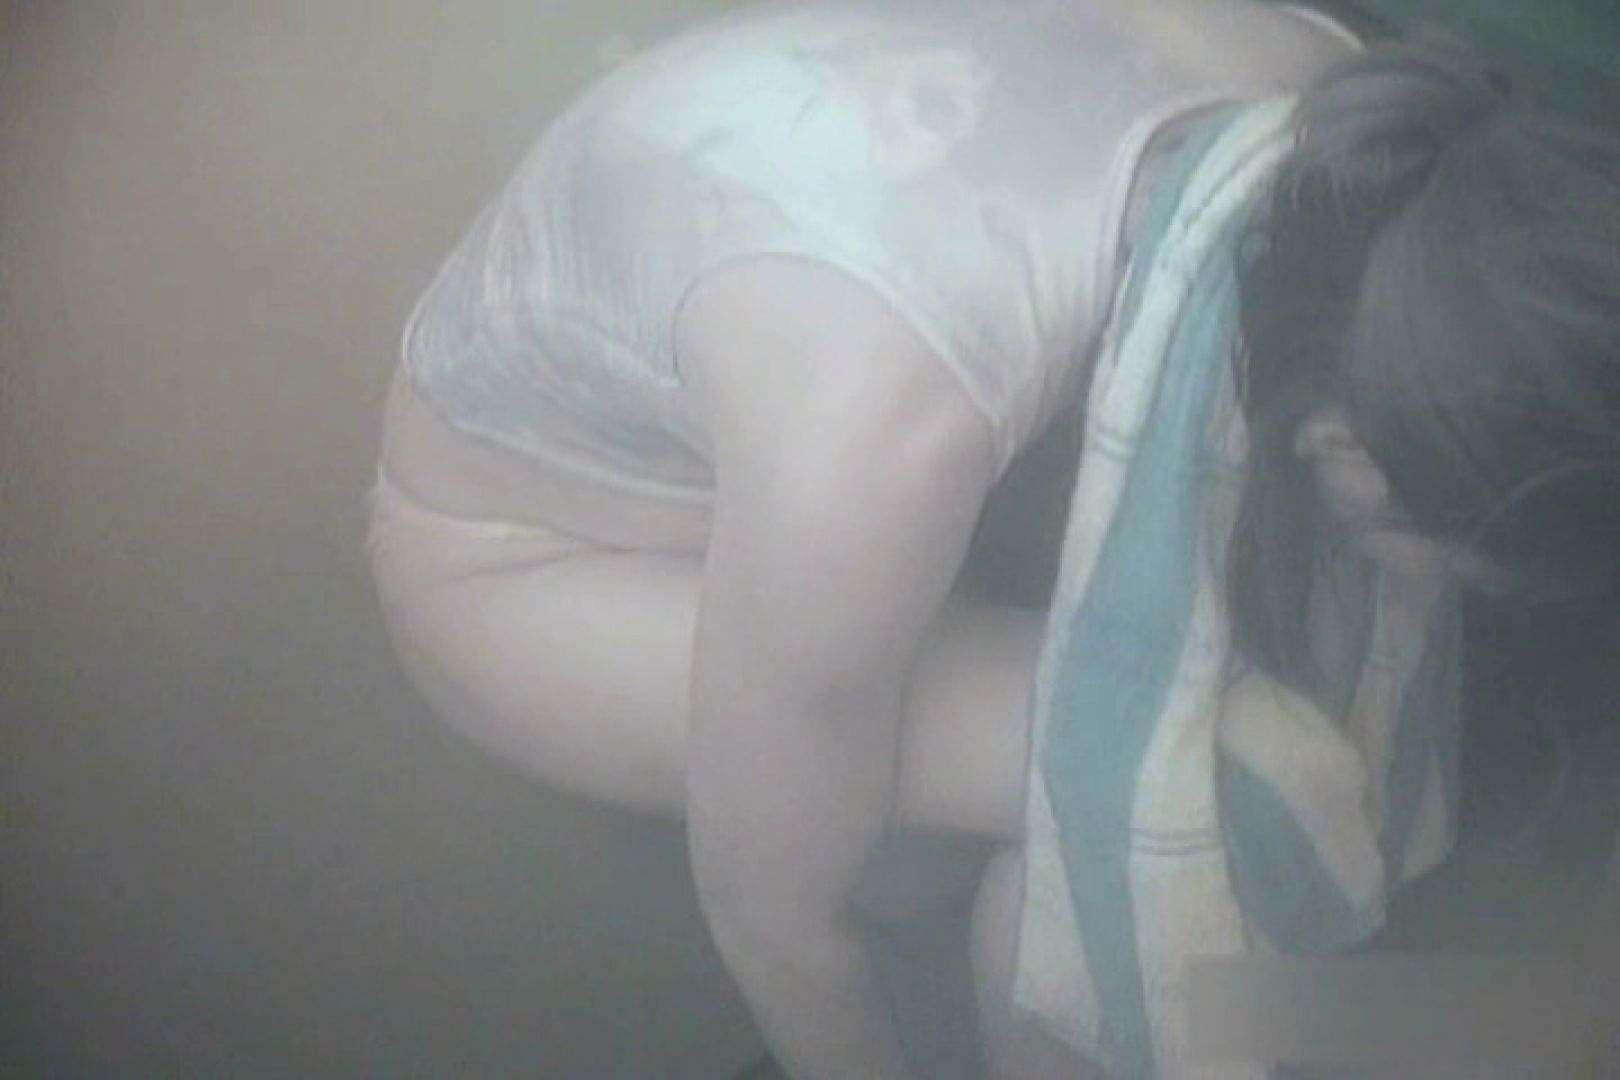 夏海シャワー室!ベトベトお肌をサラサラに!VOL.07 シャワーシーン のぞき動画キャプチャ 72連発 42